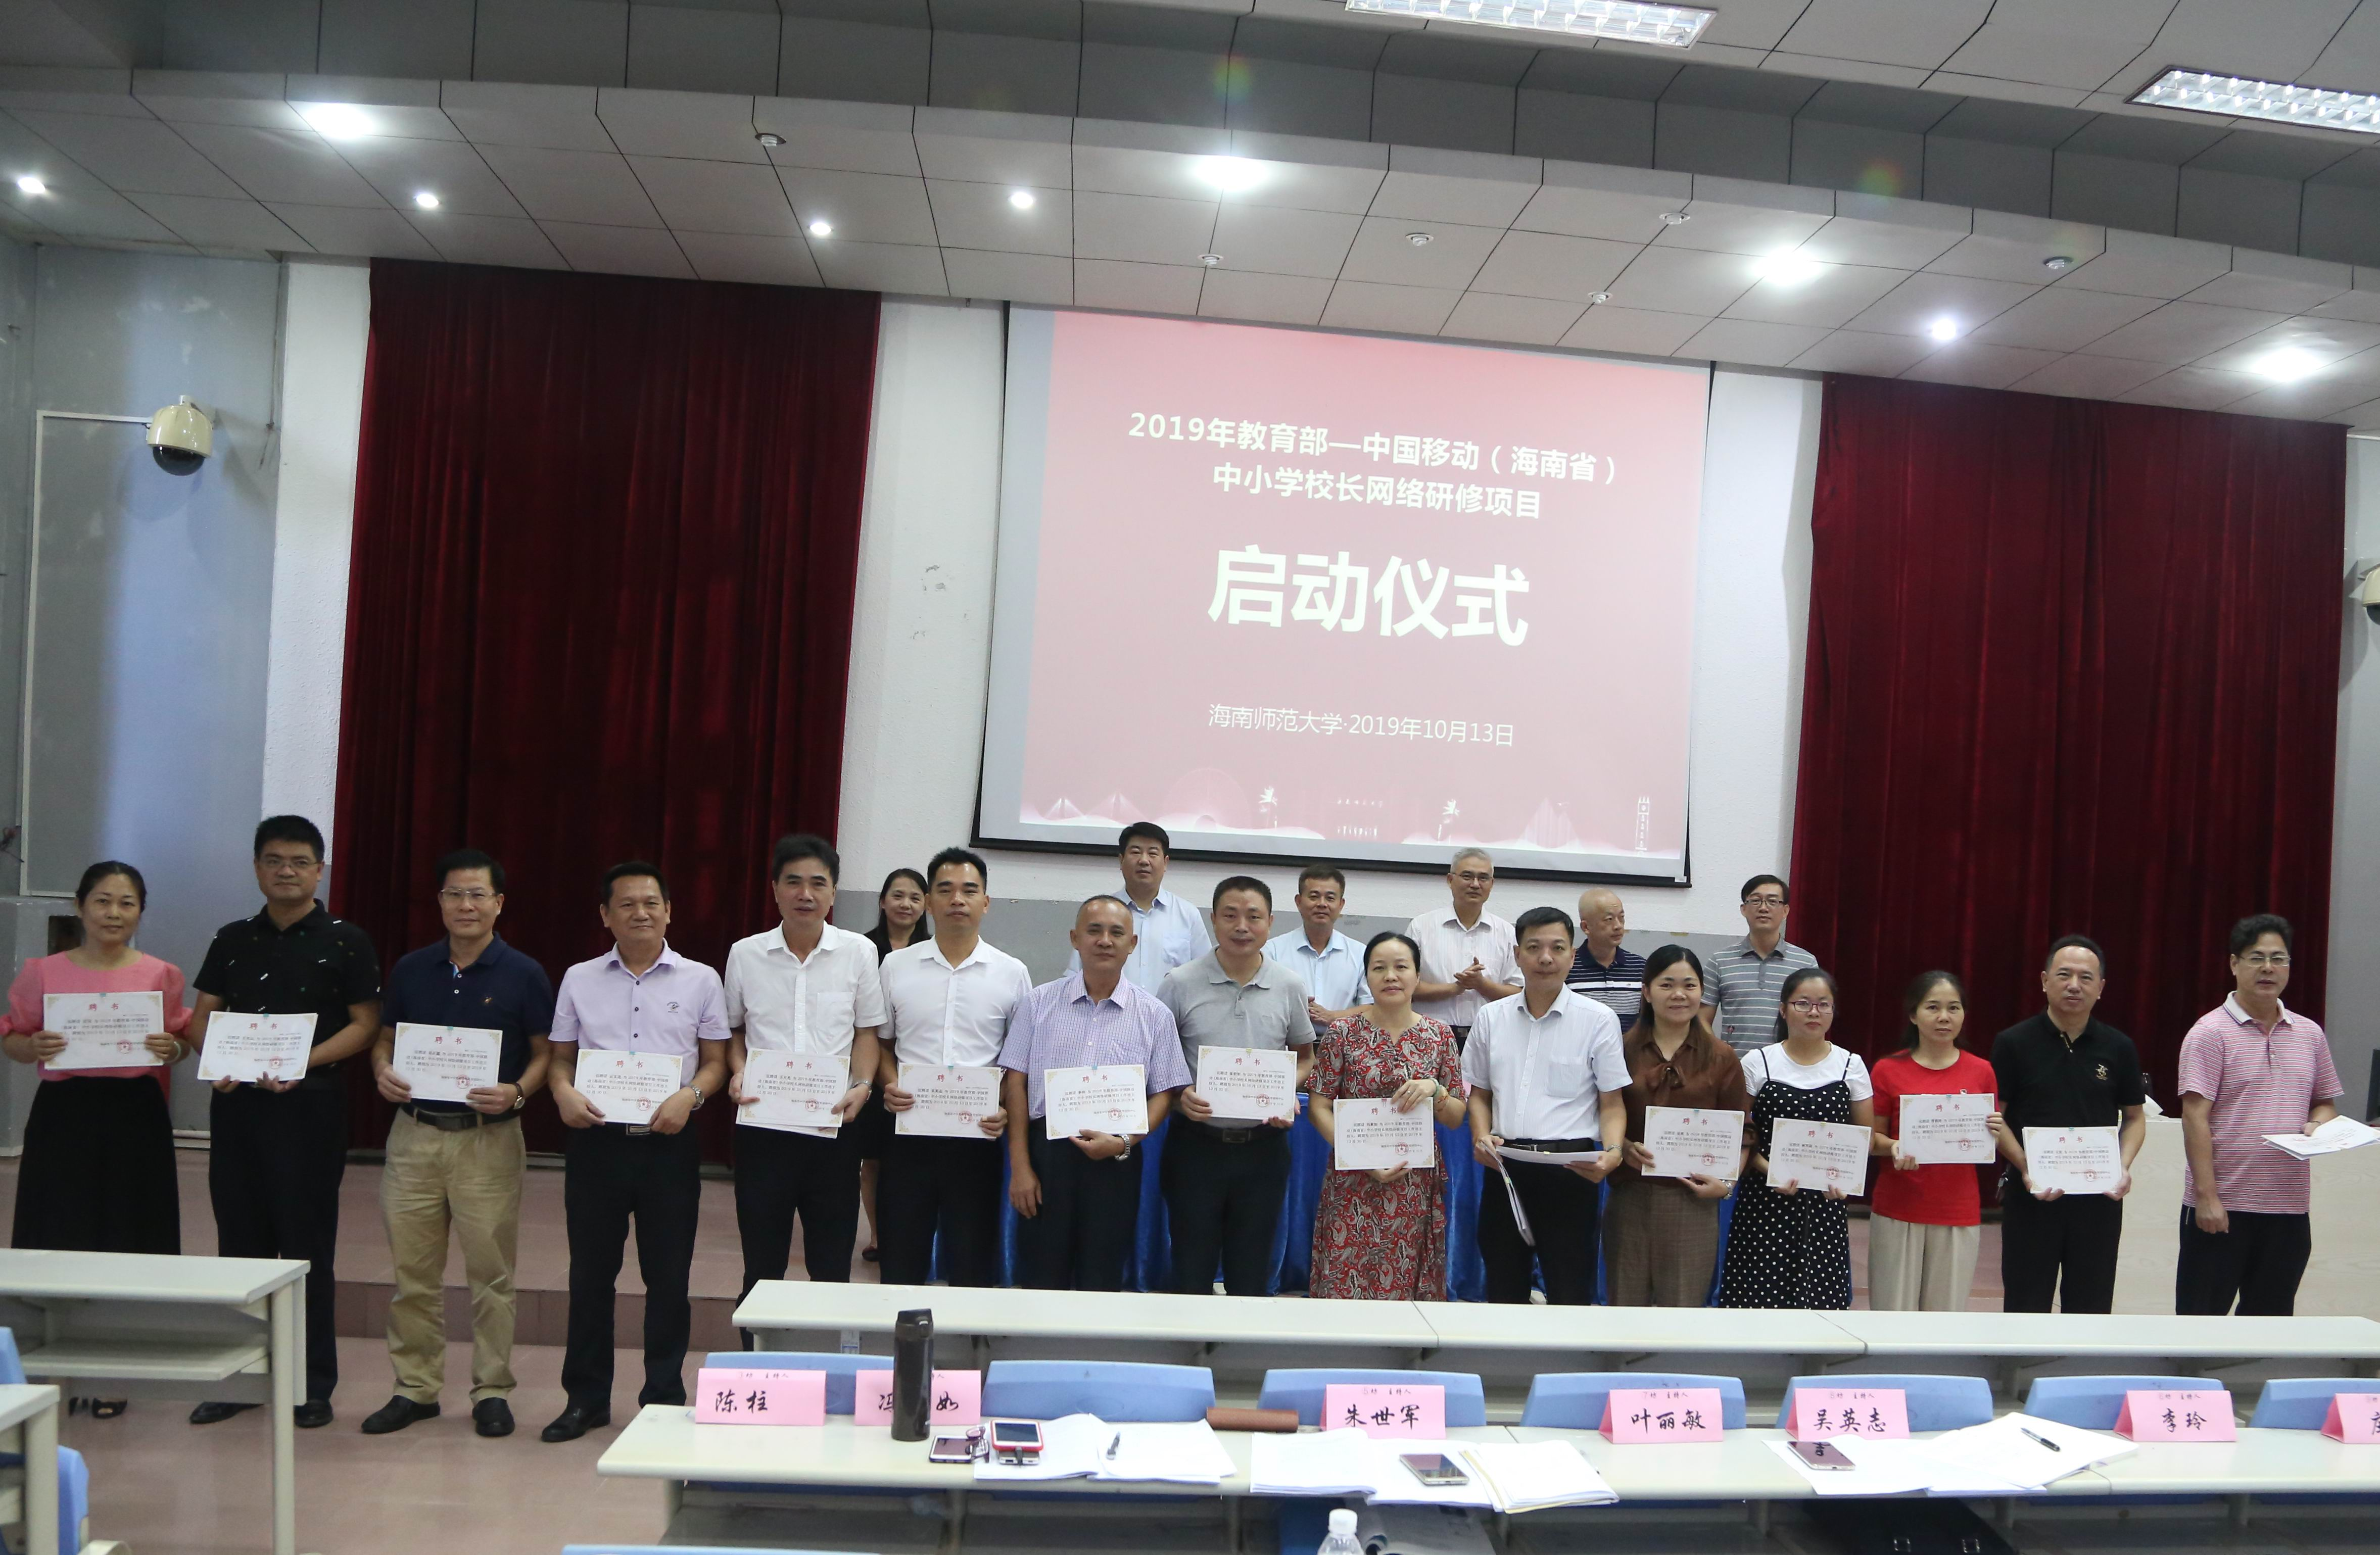 2019年教育部-中国移动(海南省)中小学校长培训项目在海口启动